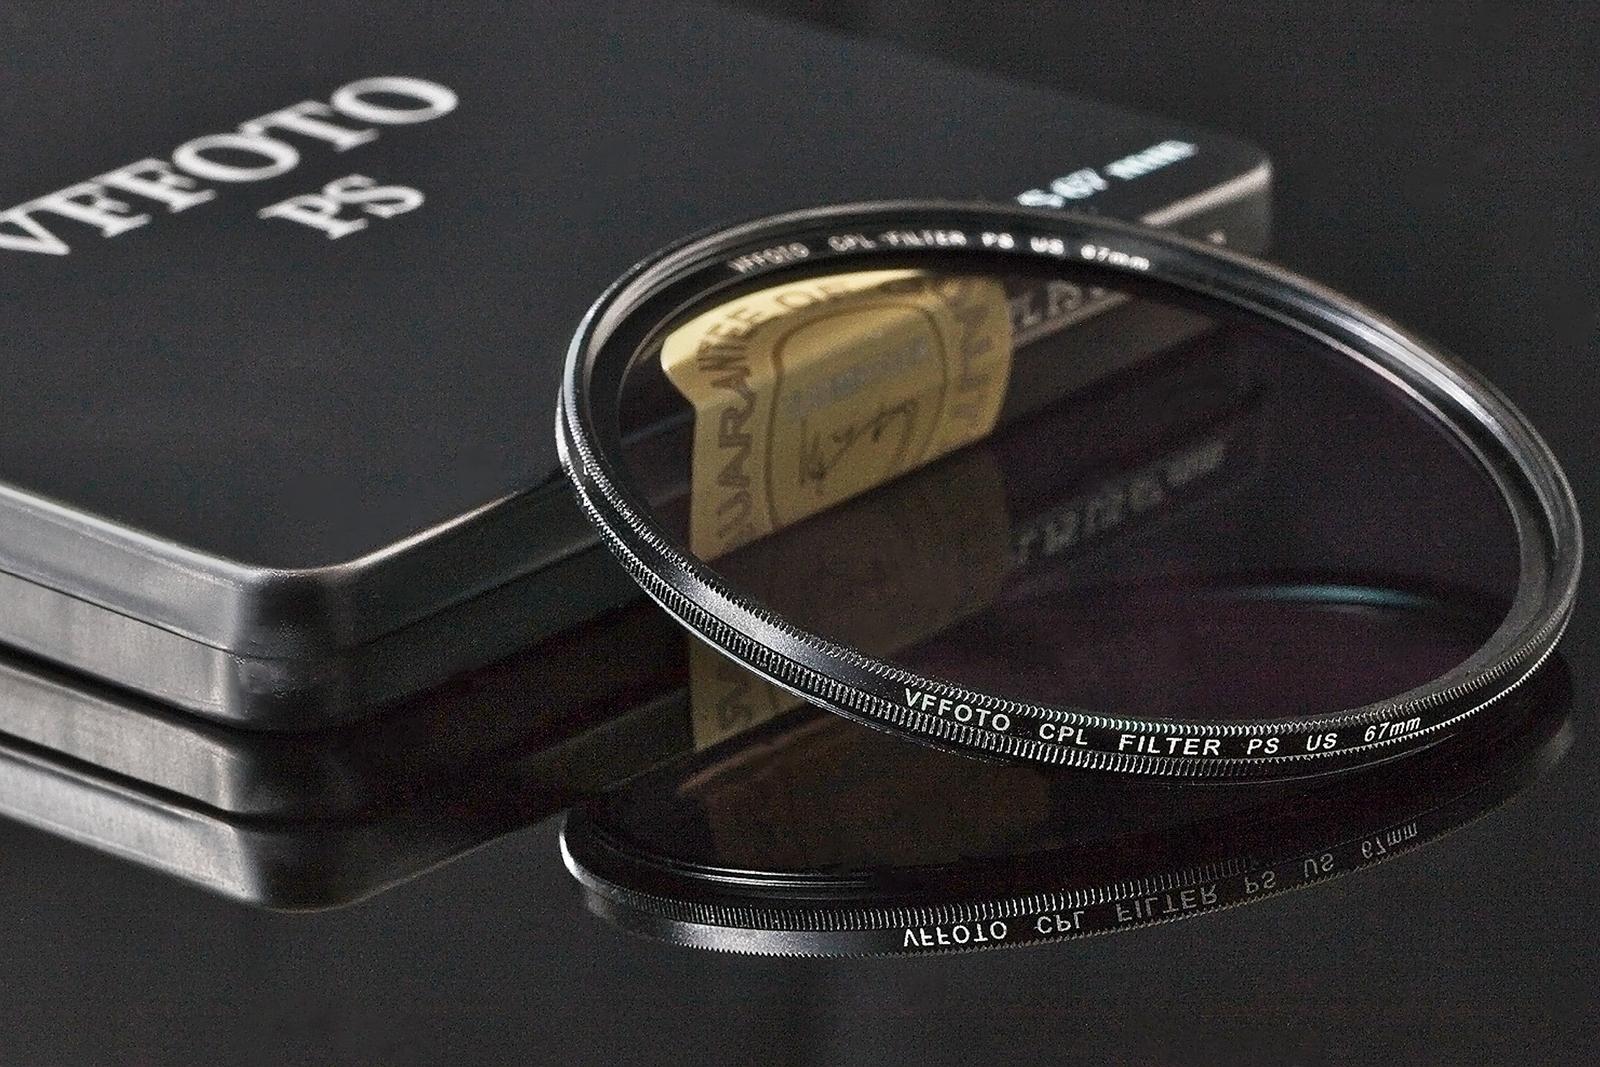 VFFOTO filtr polarizační cirkulární PS US 72 mm